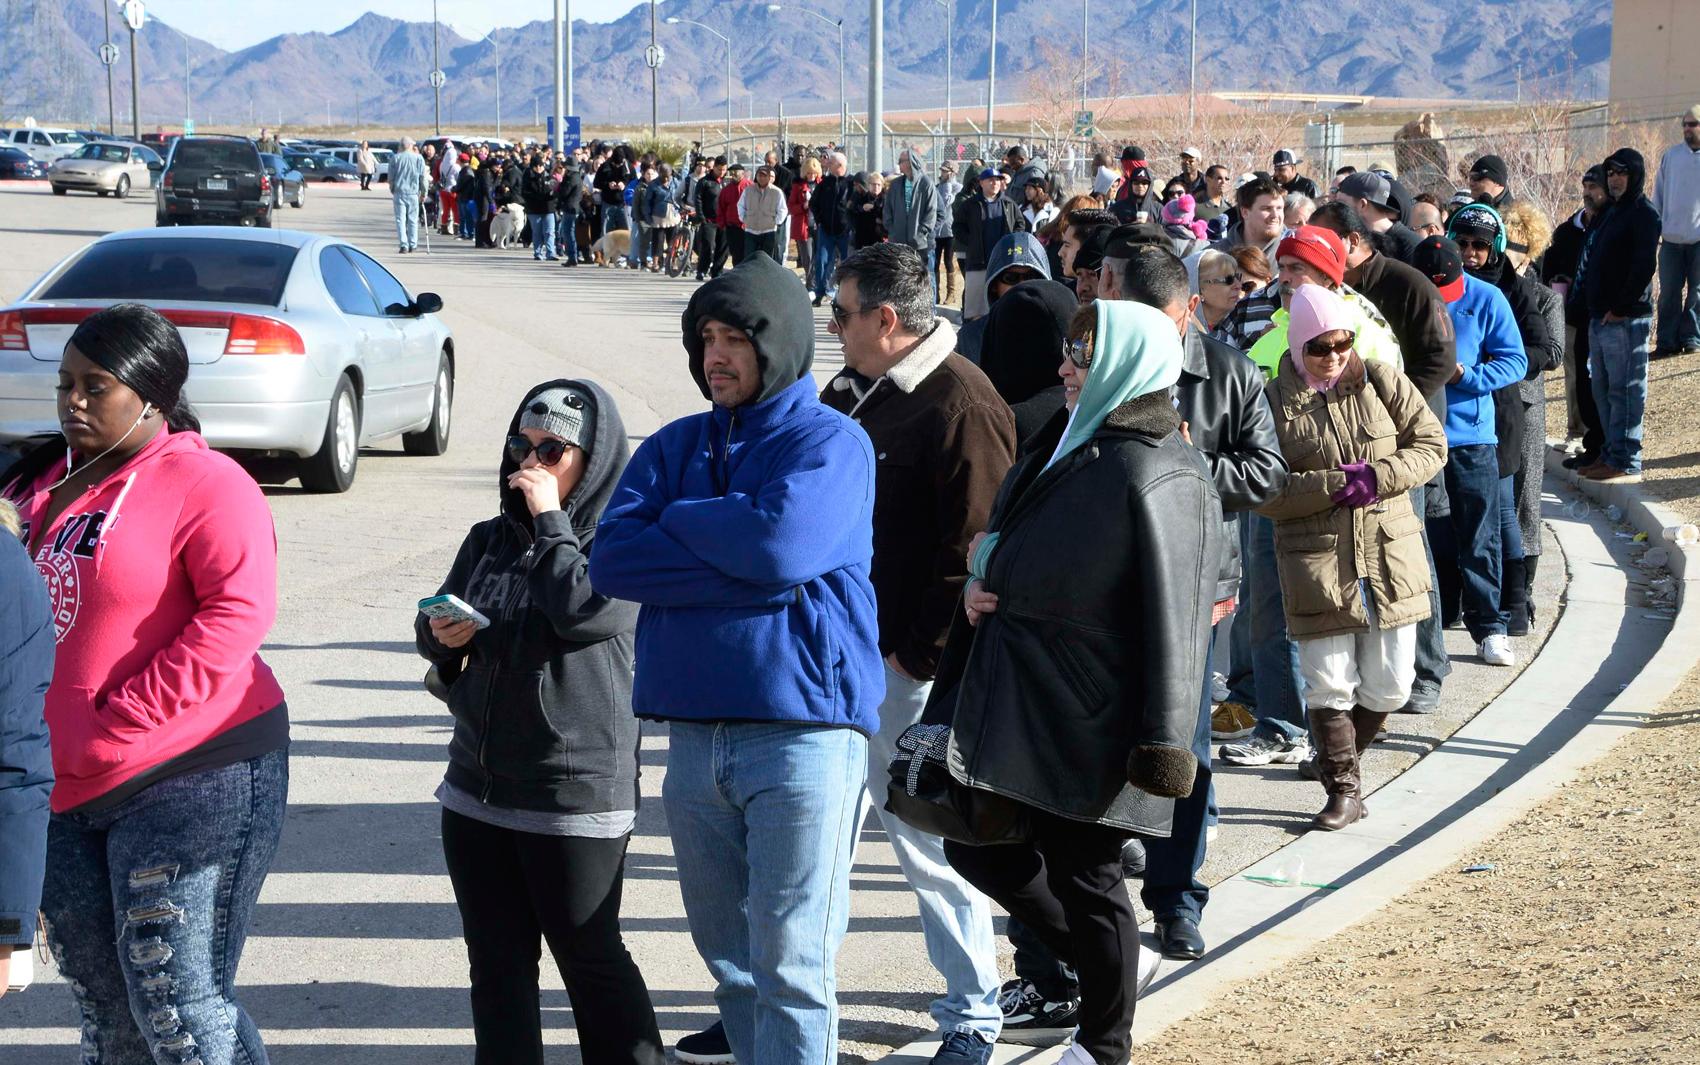 Centenas de pessoas fazem fila para comprar os bilhetes para concorrer ao maior prêmio da história da loteria norte-americana na Califórnia, estado mais populoso dos EUA (Foto: Gene Blevins/Reuters)